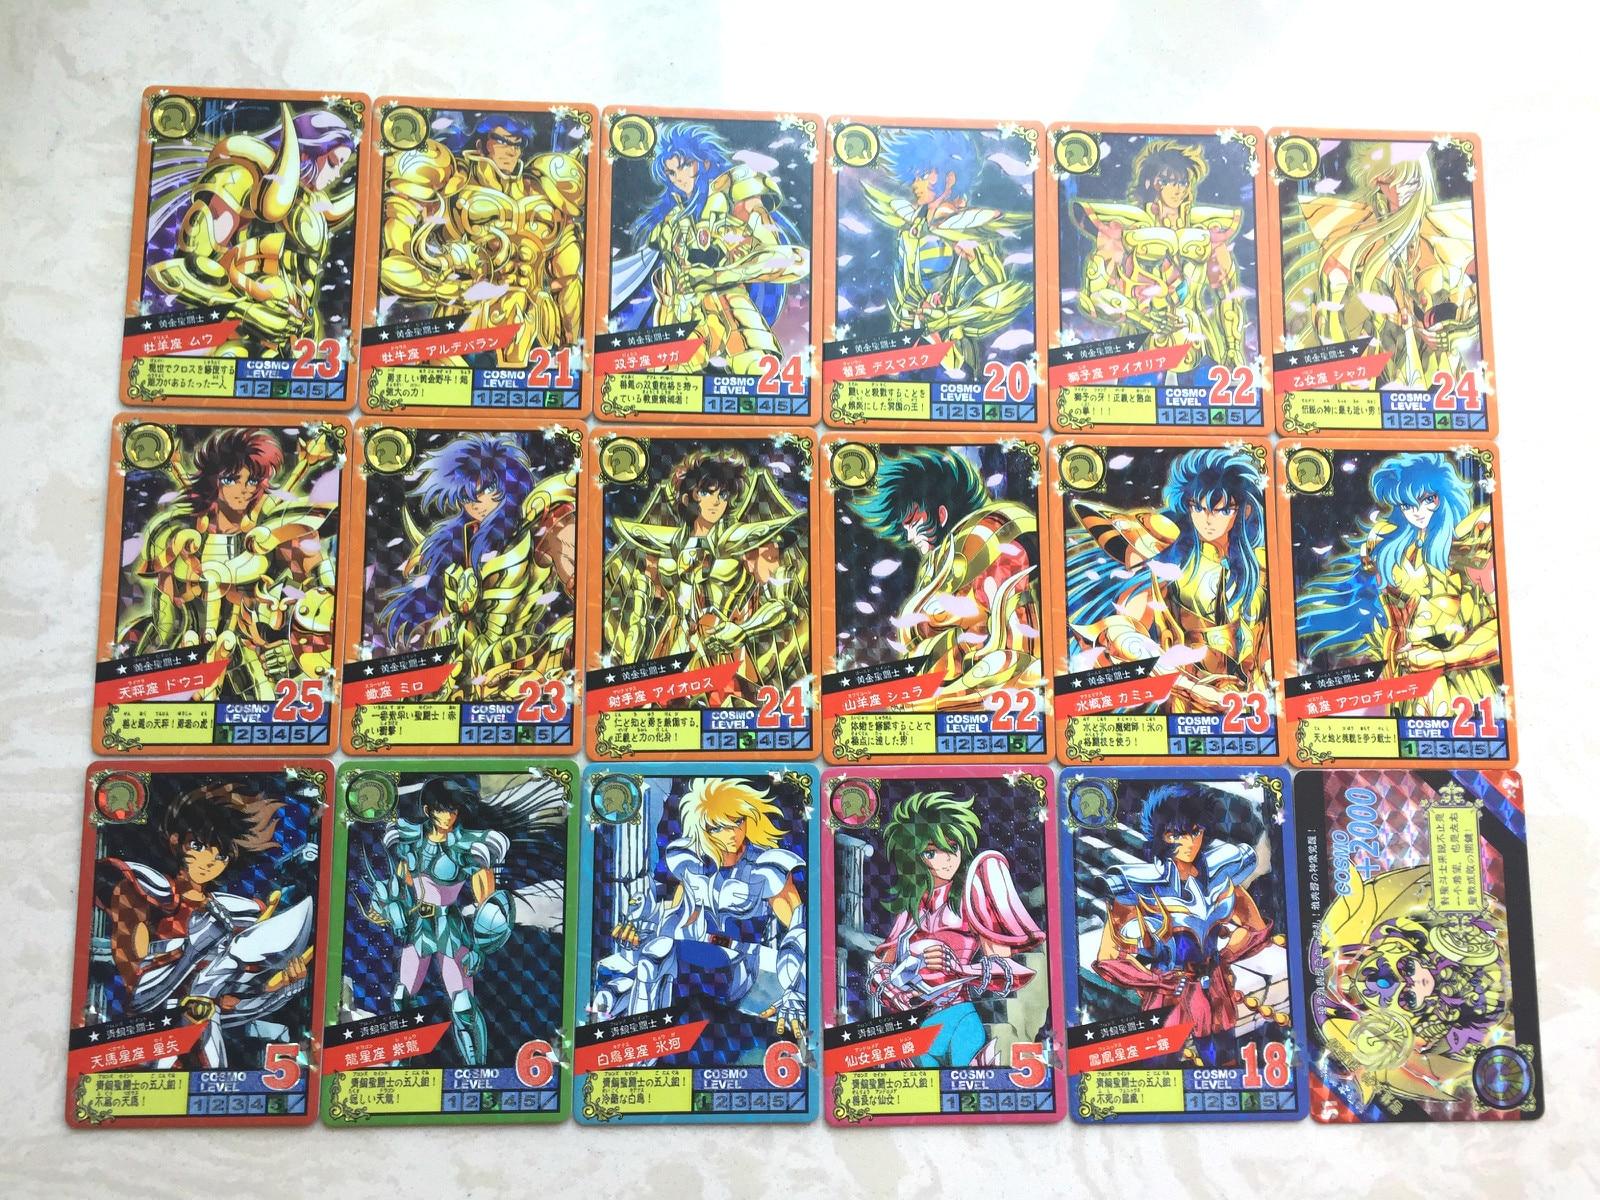 17 Teile/satz Saint Seiya Goldene Fünf Großen Stars Kampf Nacht Licht Spielzeug Hobbies Hobby Sammlerstücke Spiel Sammlung Anime Karten